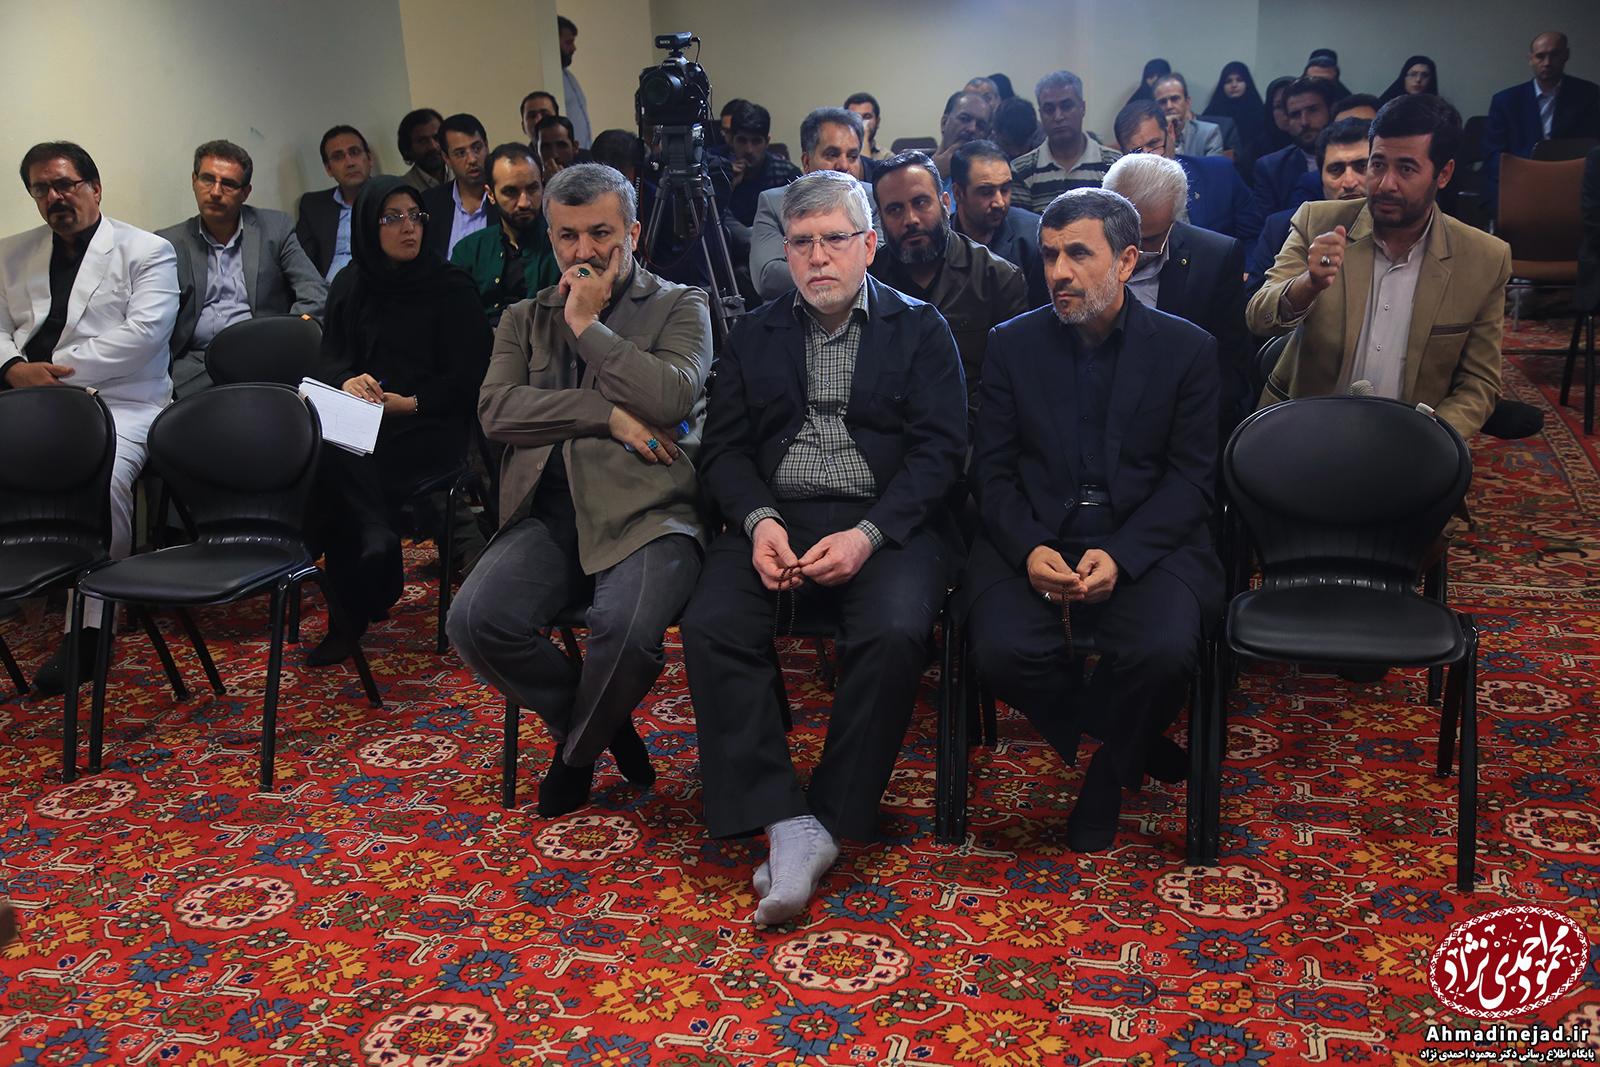 بررسی «تخلفات» قوه قضائیه در پرونده بقایی در نشستی با حضور احمدی نژاد